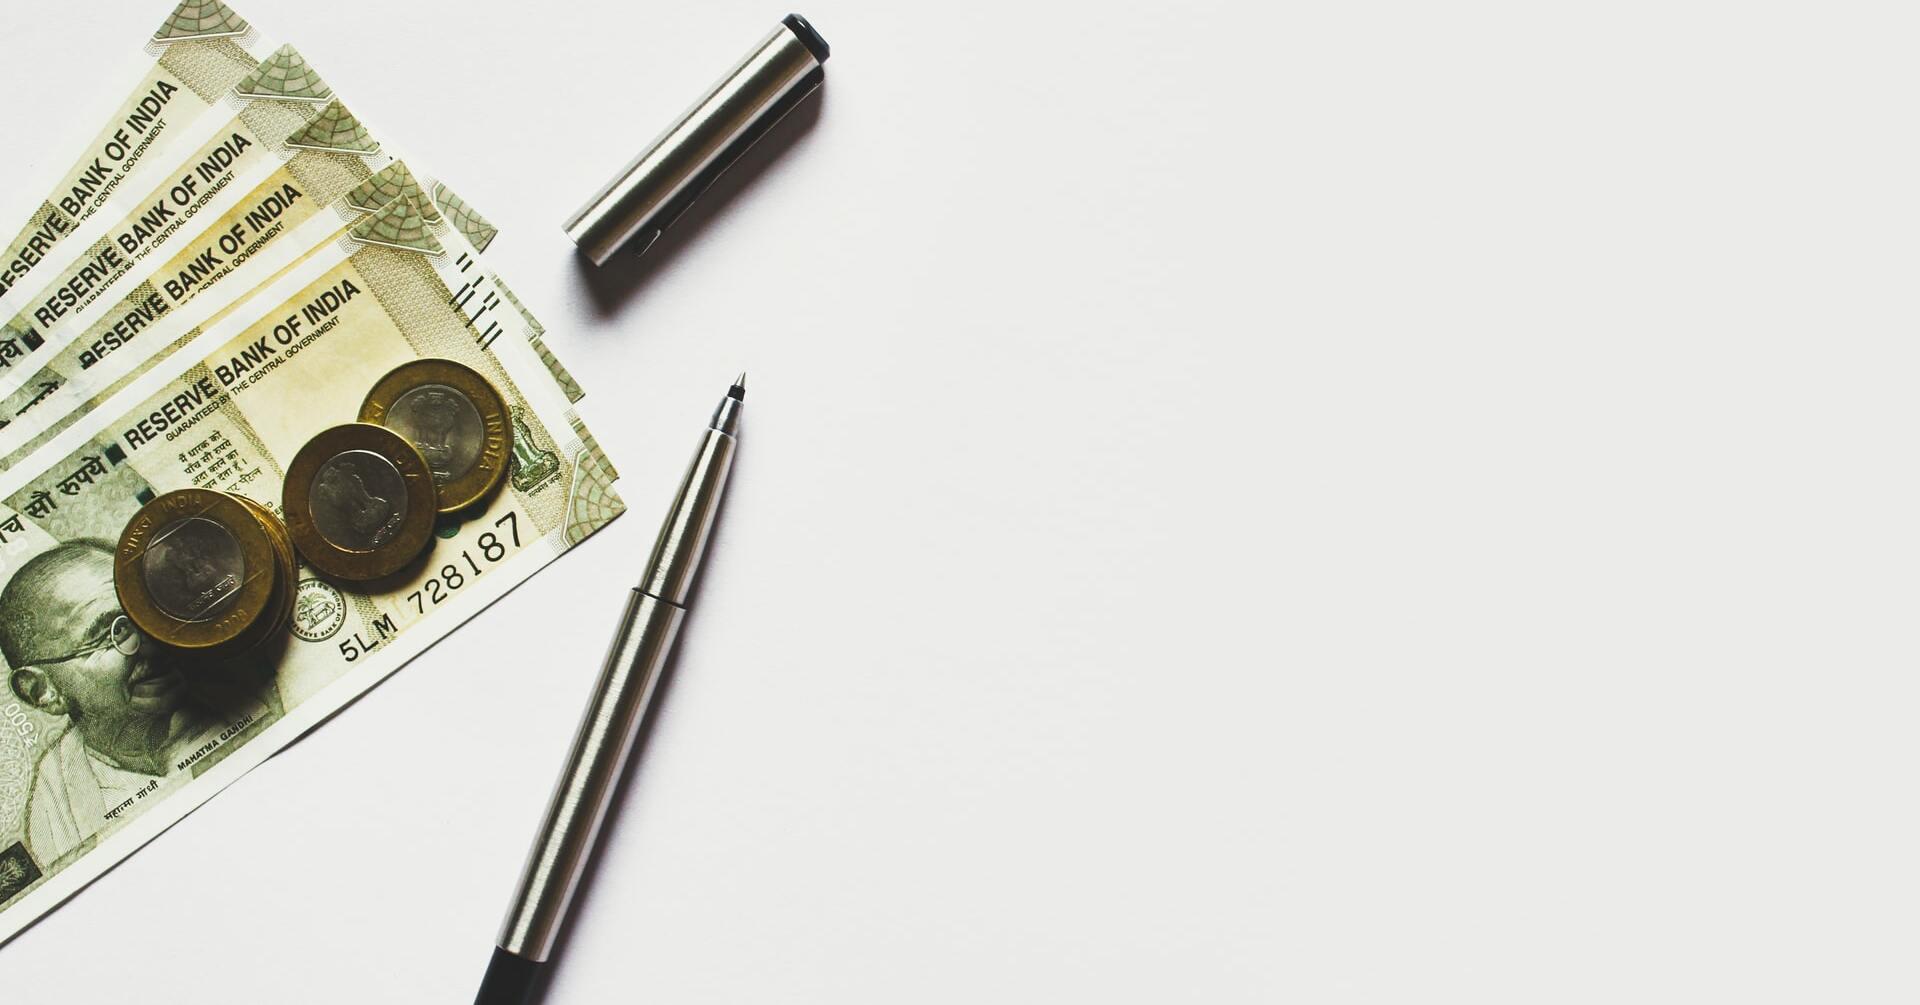 28歳で年収600万円は勝ち組?平均年収や600万超の割合を解説